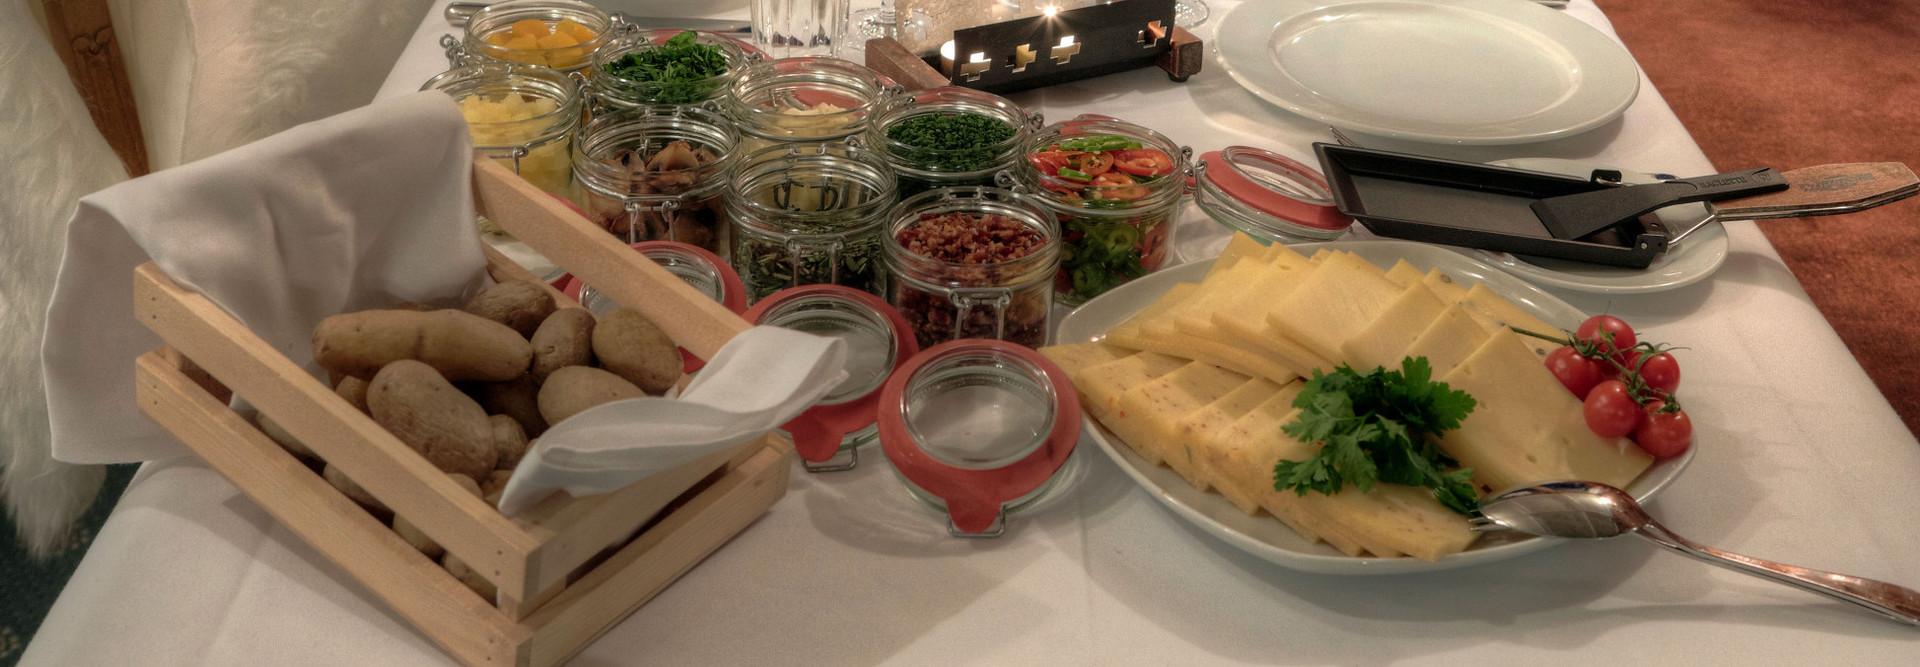 Der Tisch ist gedeckt mit vielen köstlichen Beilagen